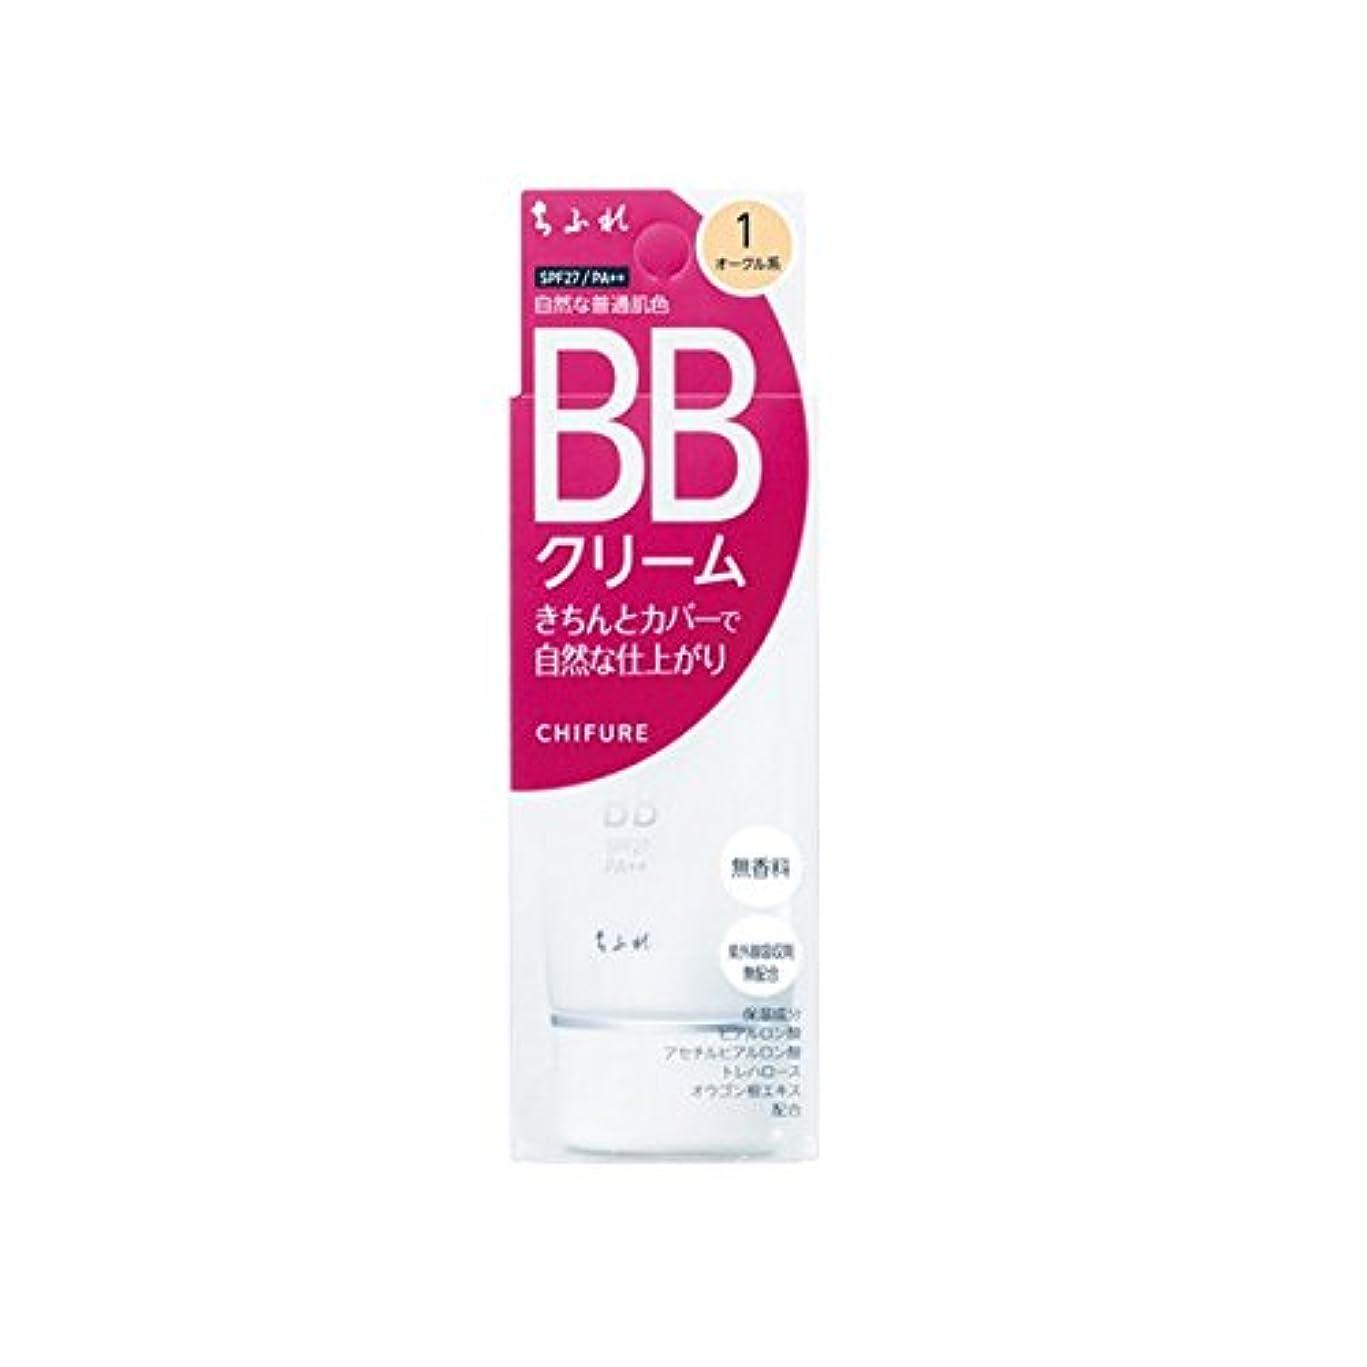 考案するホーン特異なちふれ化粧品 BB クリーム 1 自然な普通肌色 BBクリーム 1